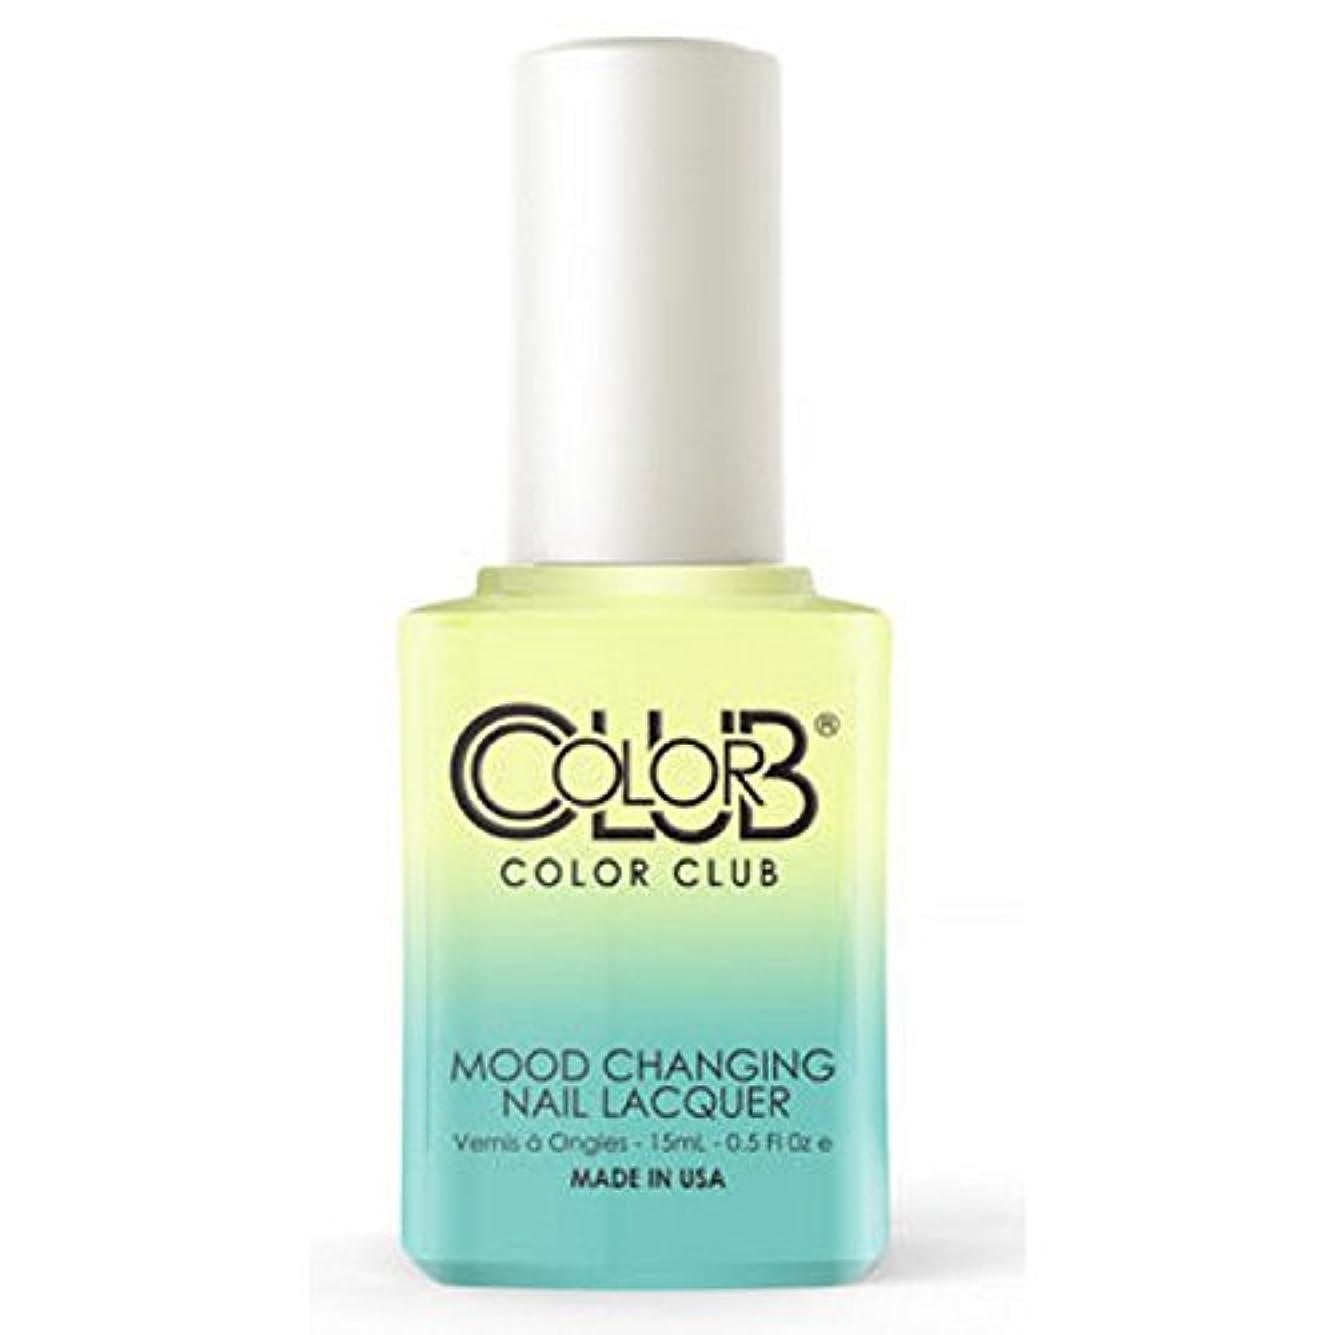 ユーザー負ペレグリネーションColor Club Mood Changing Nail Lacquer - Shine Theory - 15 mL / 0.5 fl oz